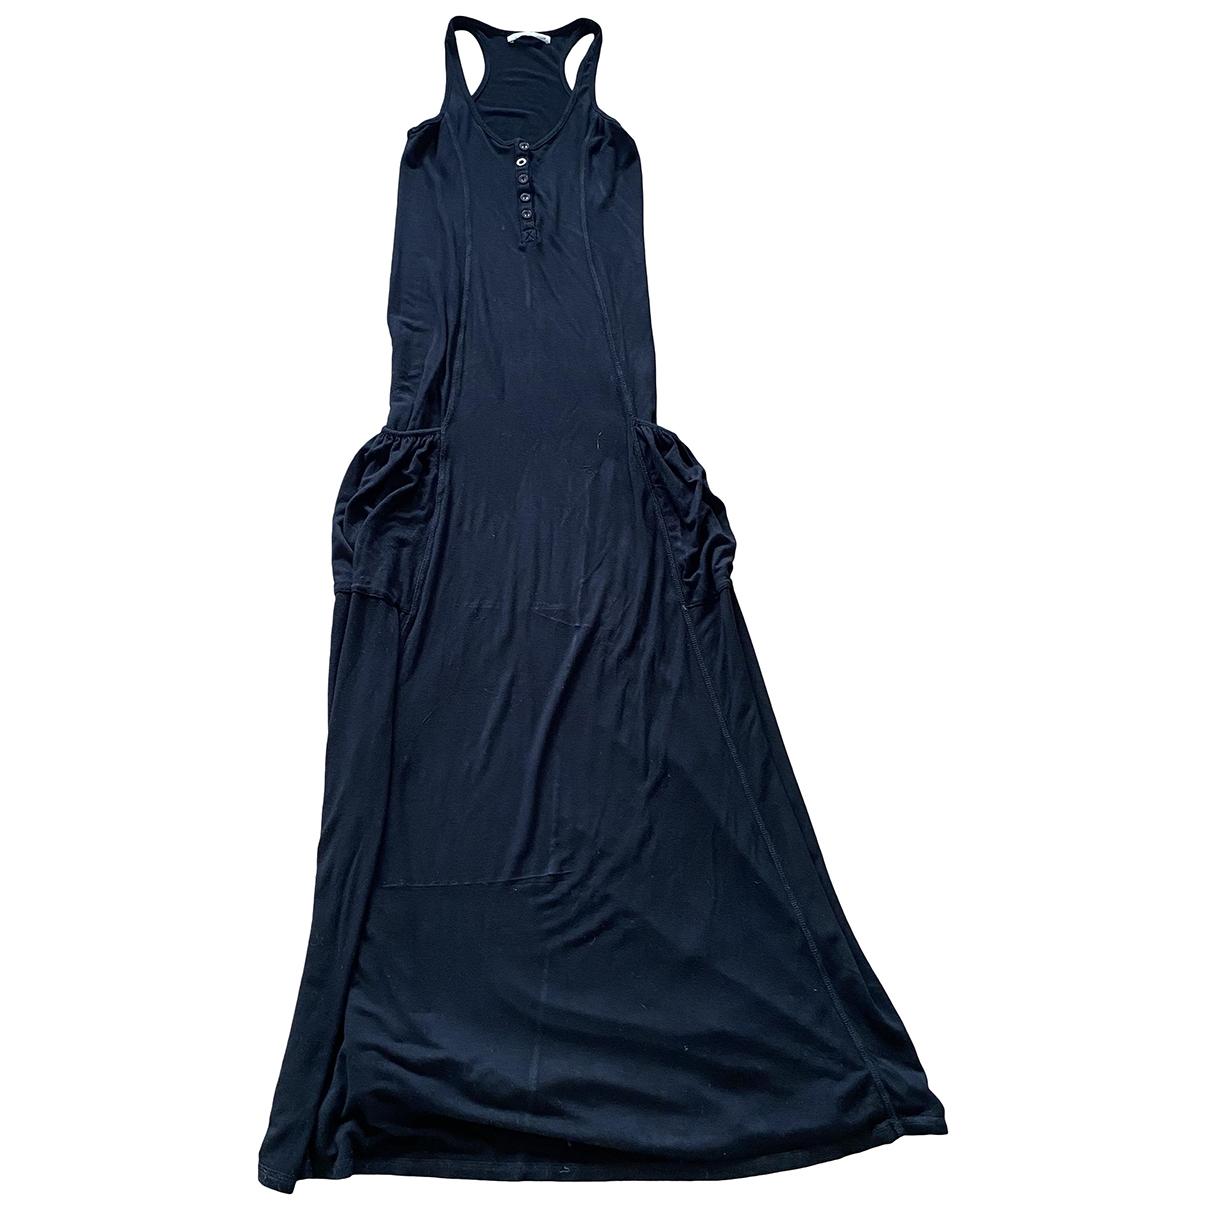 Charli \N Black dress for Women 10 UK